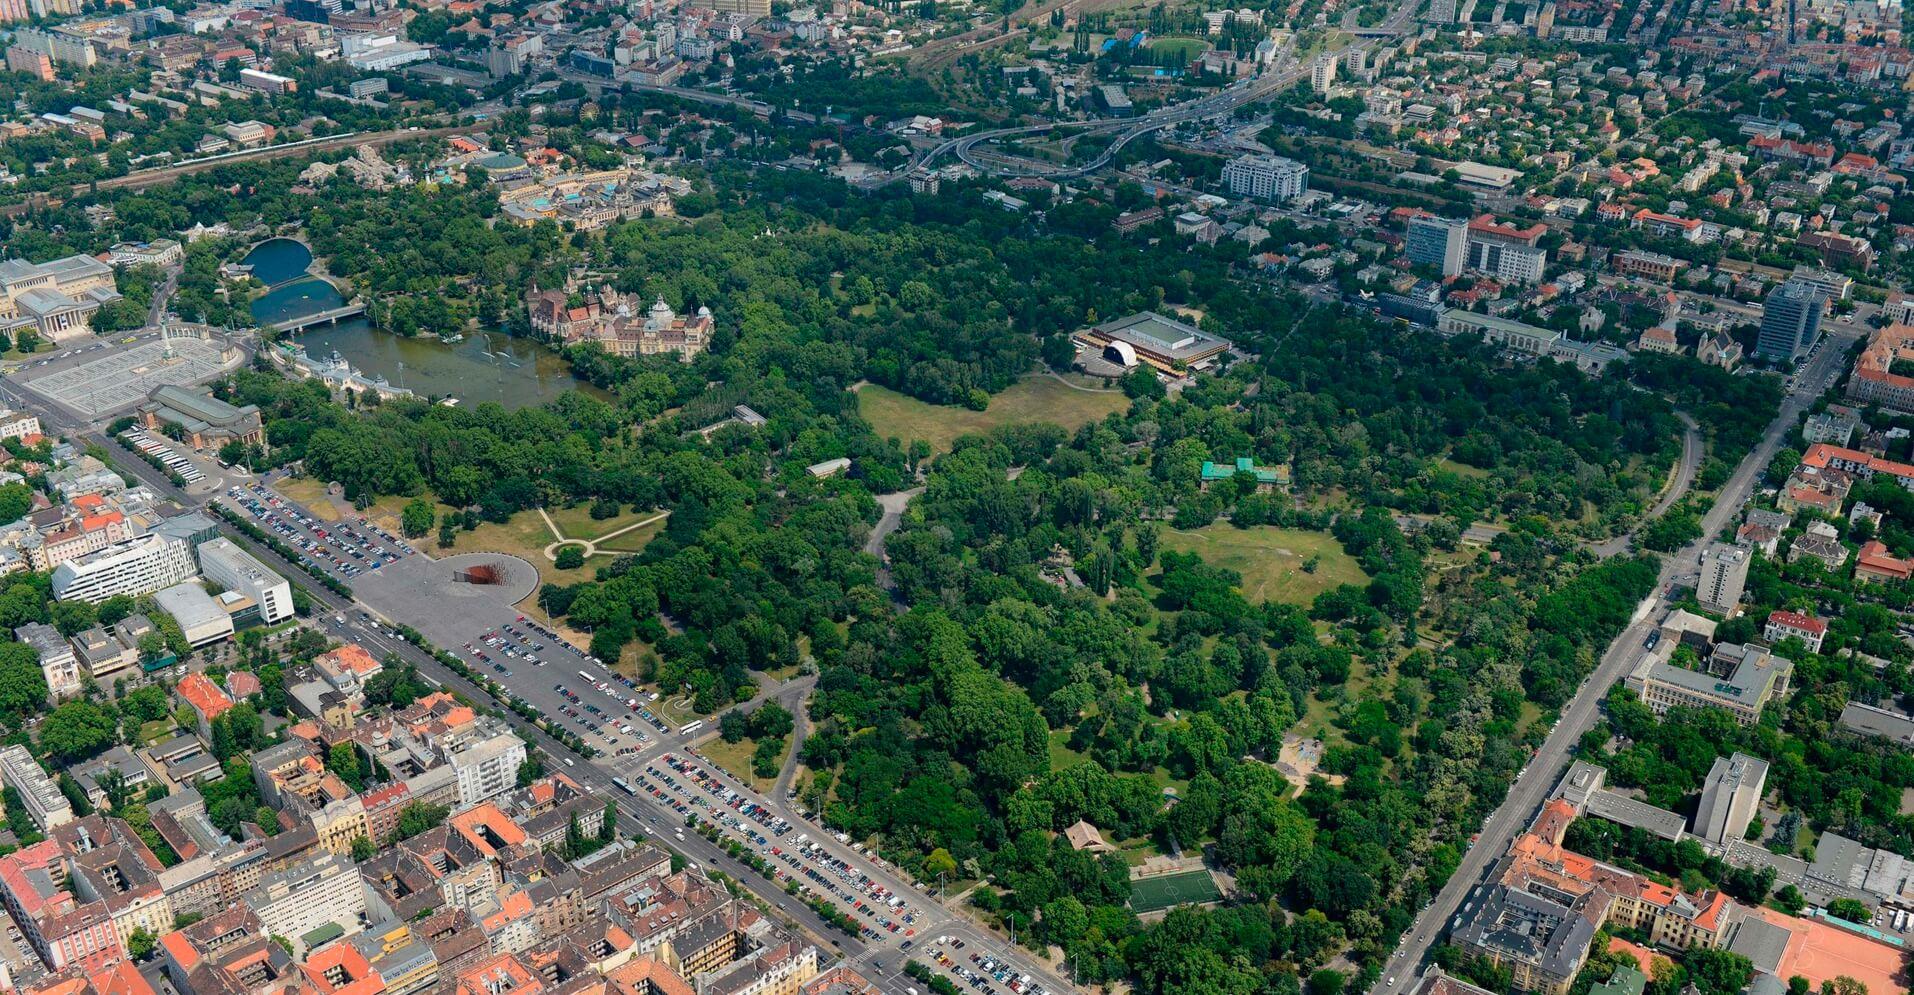 Kiderült, ki tervezi a Városliget tájépítészeti megújítását